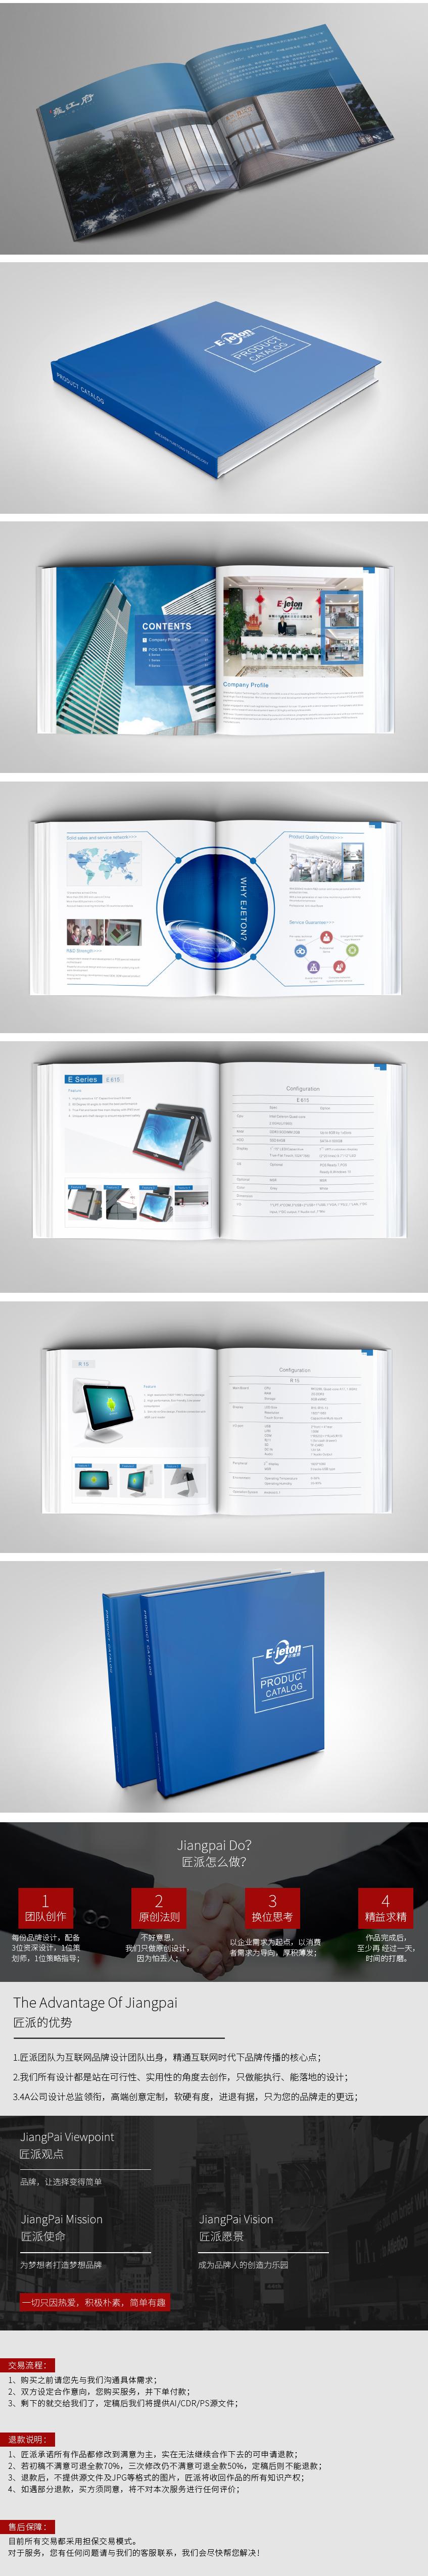 _杂志报纸期刊书籍排版设计PPT设计制作企业DM单画册设计2